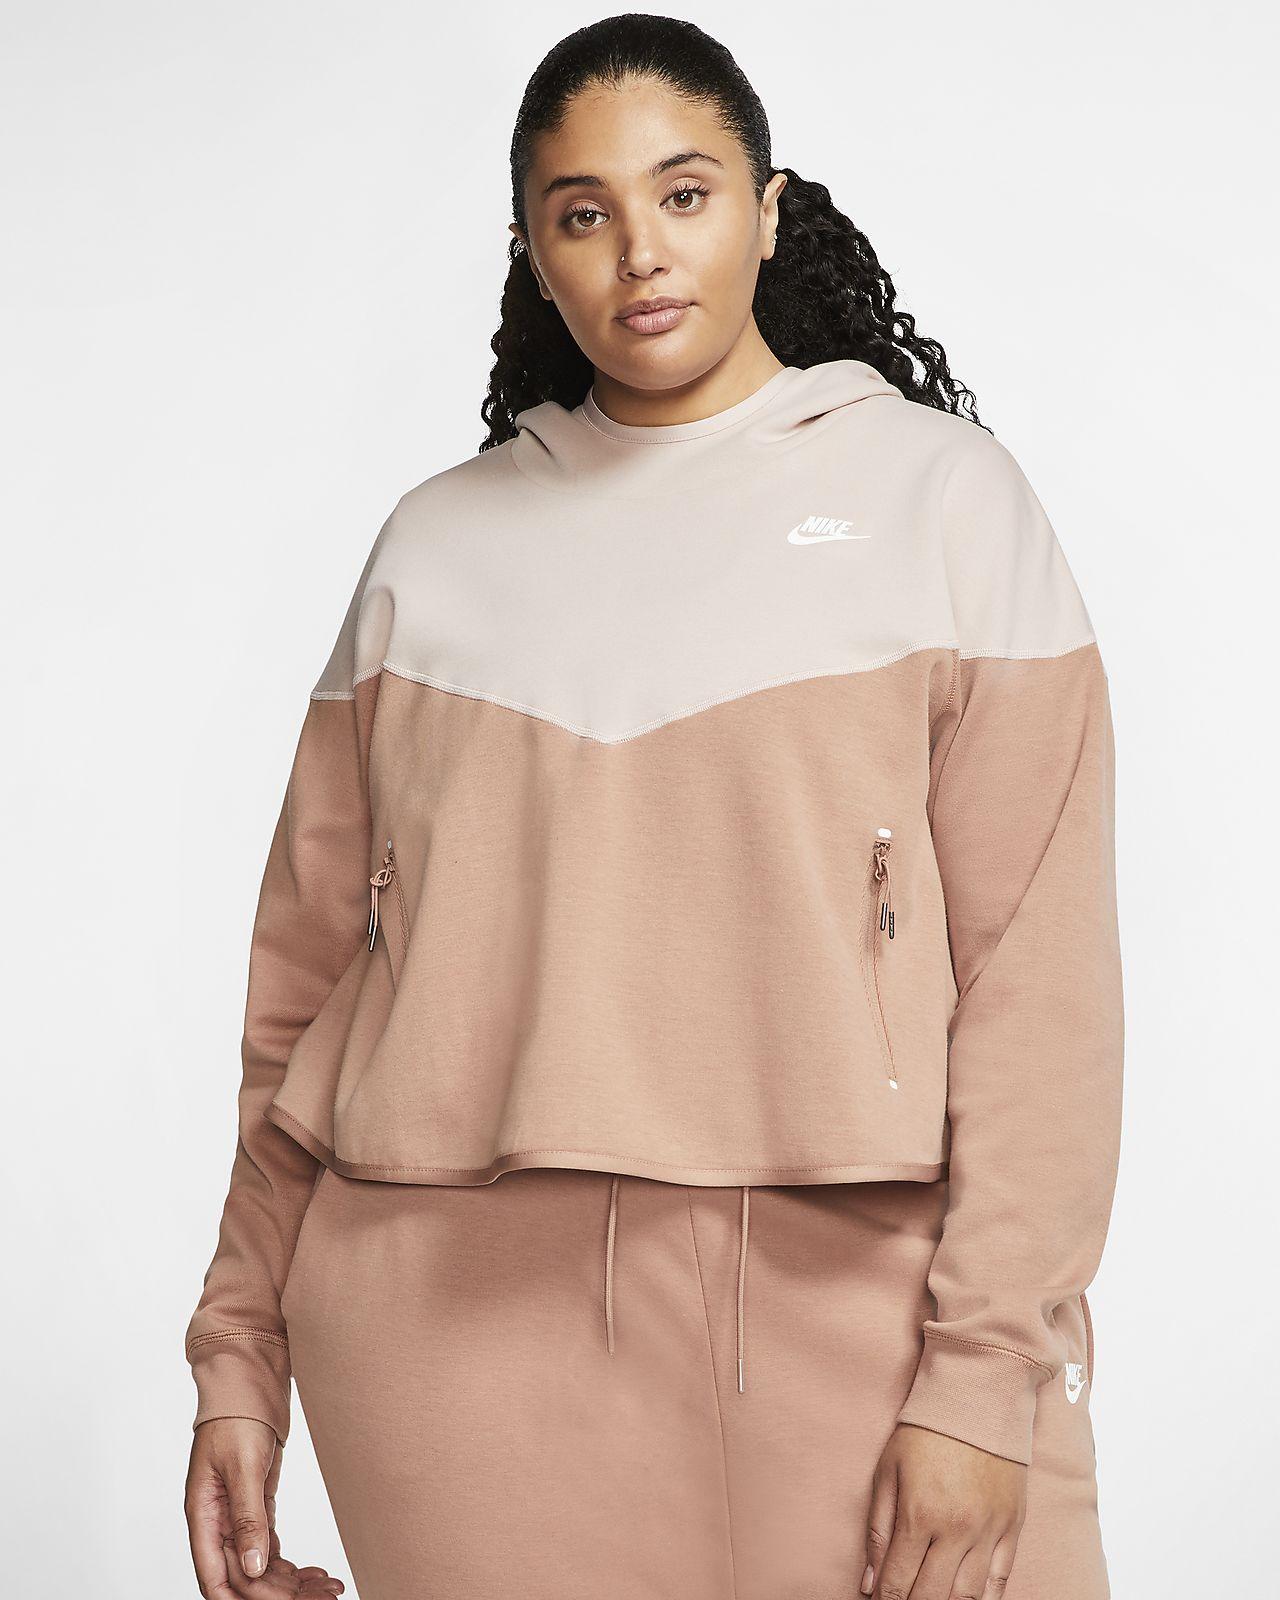 Sudadera con capucha sin cierre para mujer Nike Sportswear Tech Fleece (talla grande)